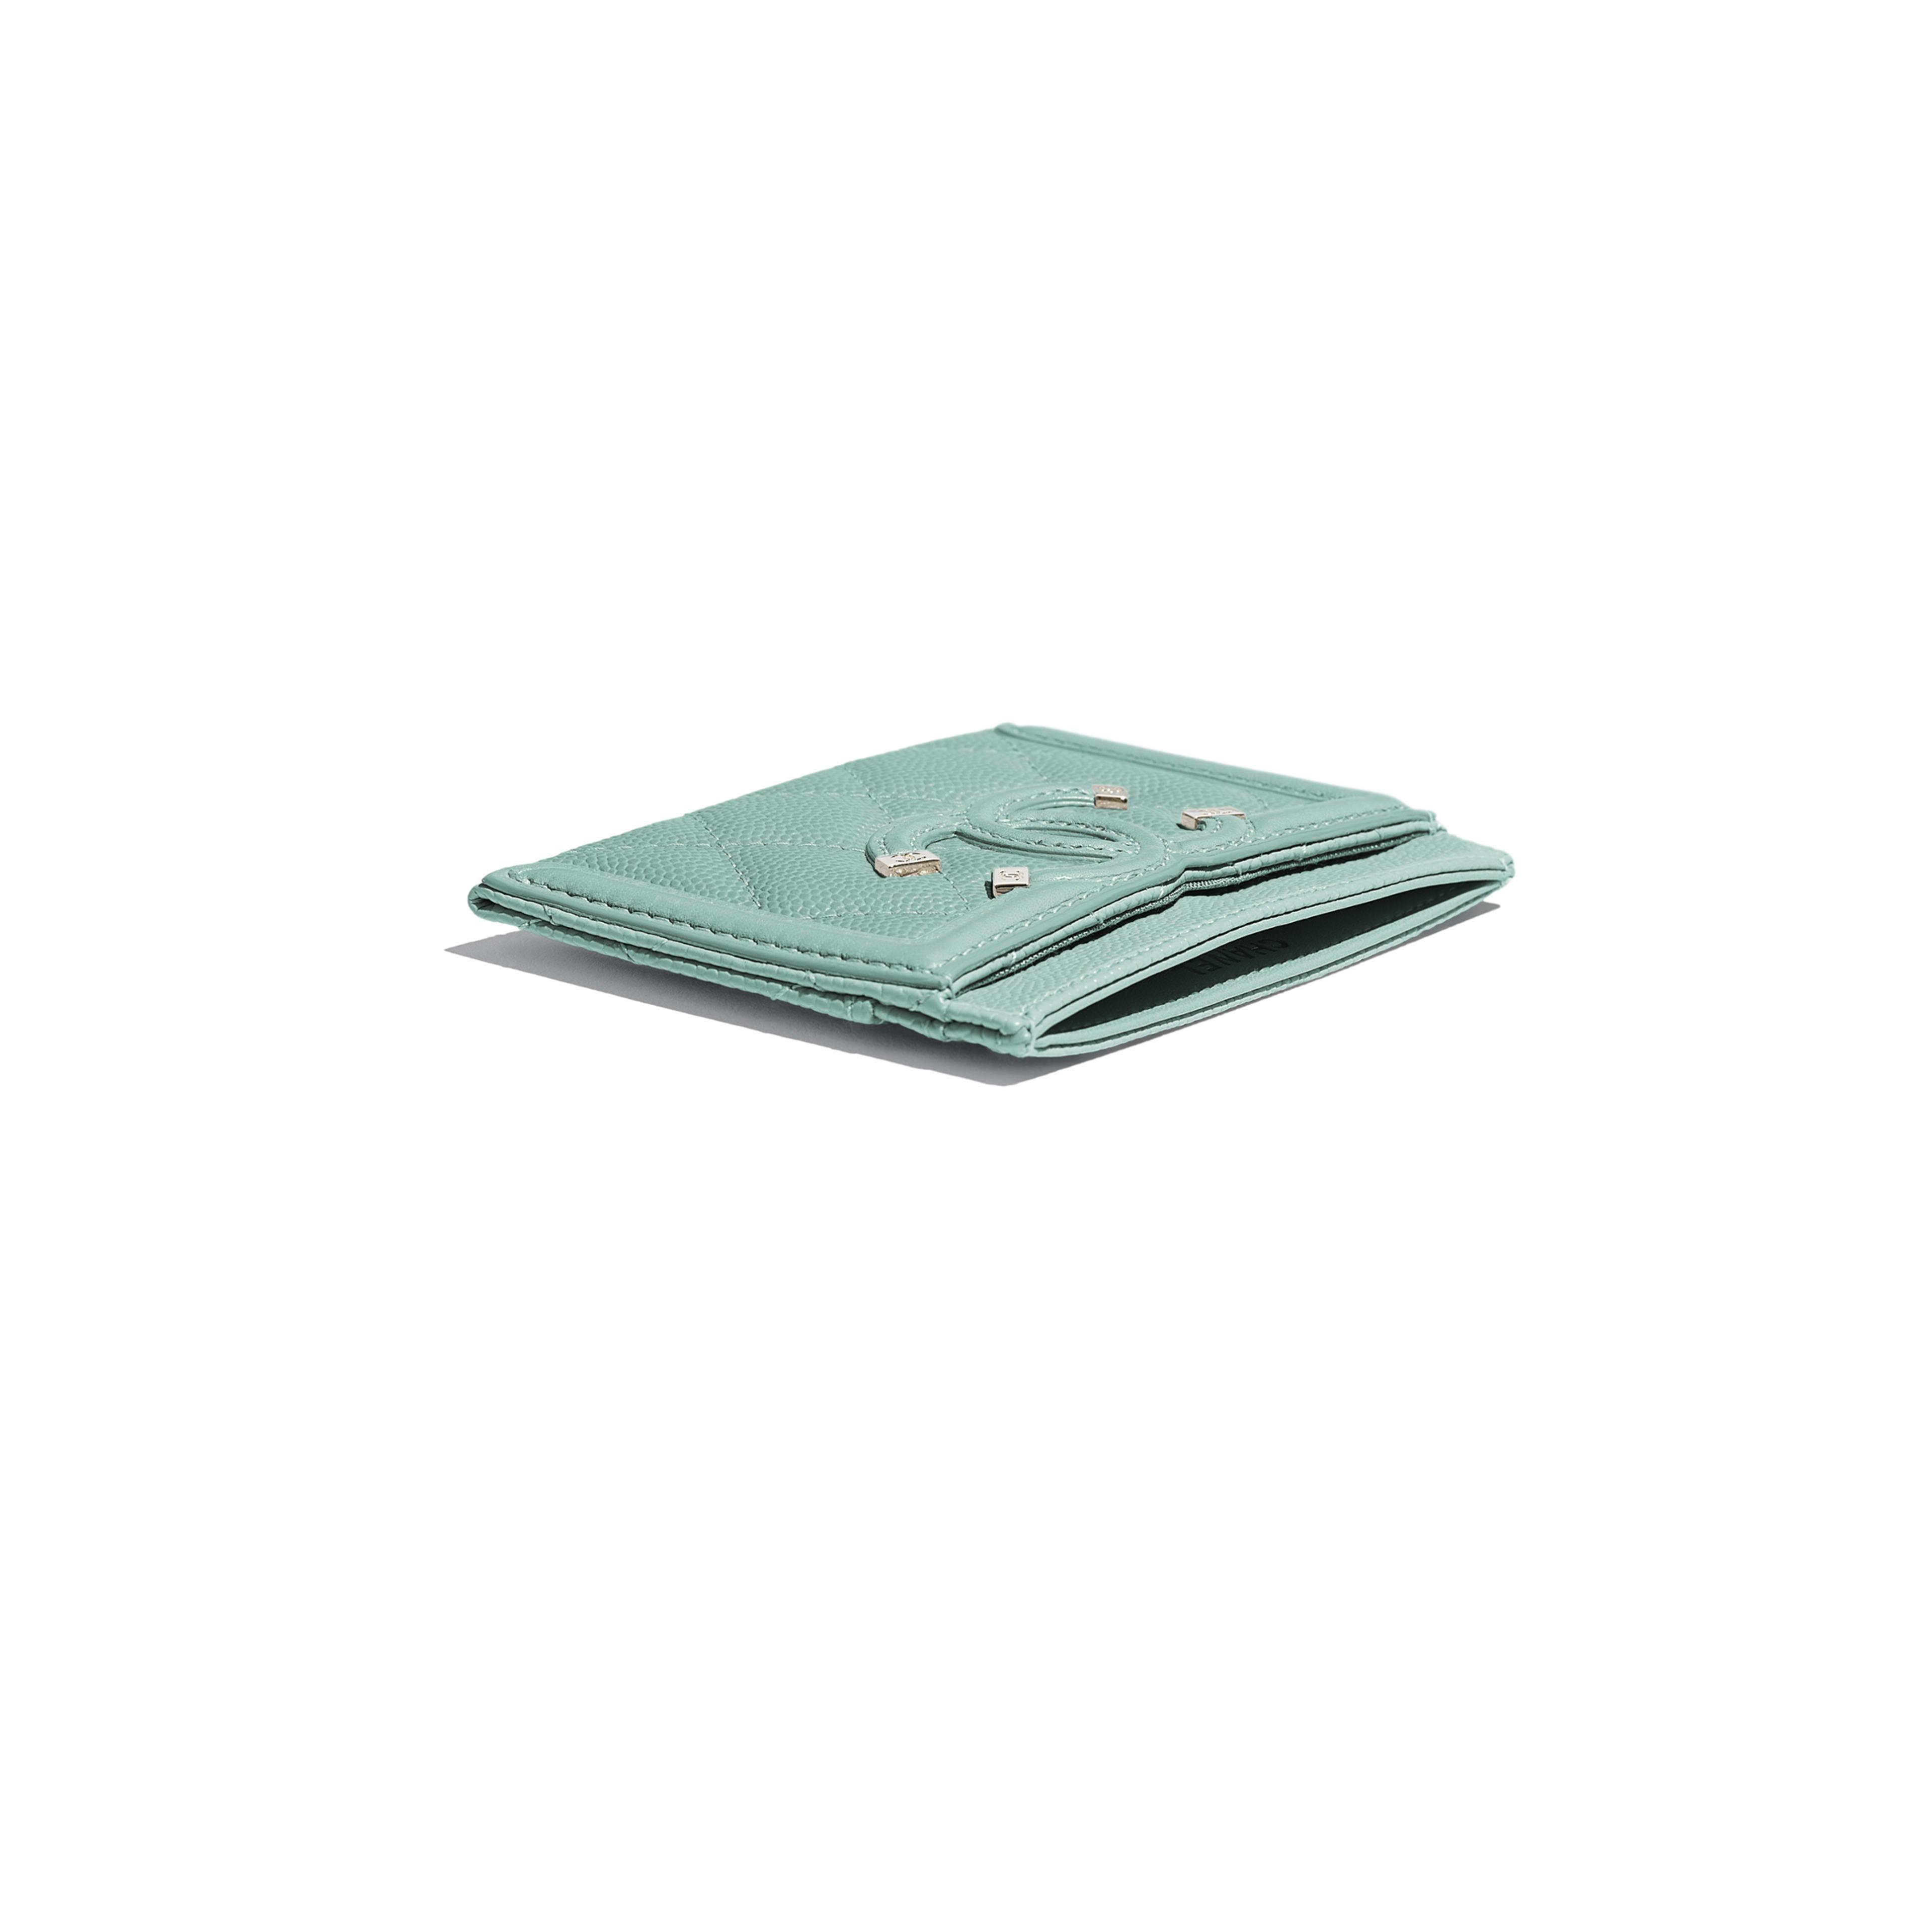 กระเป๋านามบัตร - สีฟ้า - หนังลูกวัวลายเกรน, โลหะสีทอง - มุมมองพิเศษ - ดูเวอร์ชันขนาดเต็ม